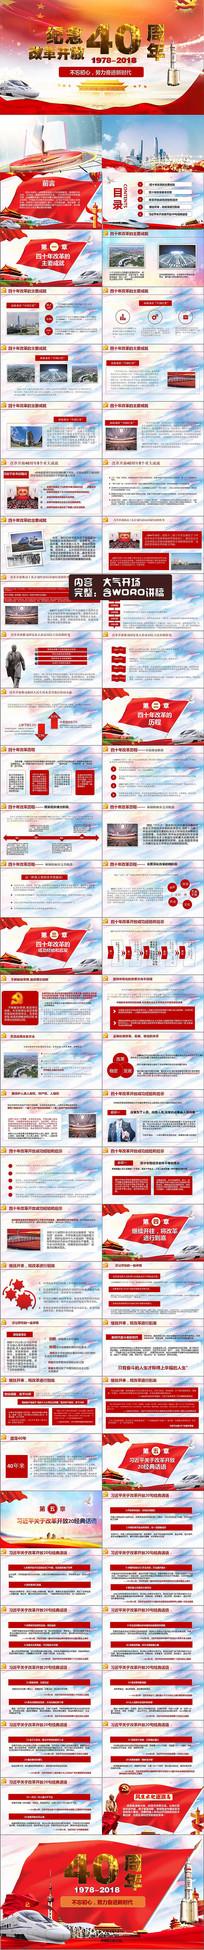 学习改革开放40周年ppt